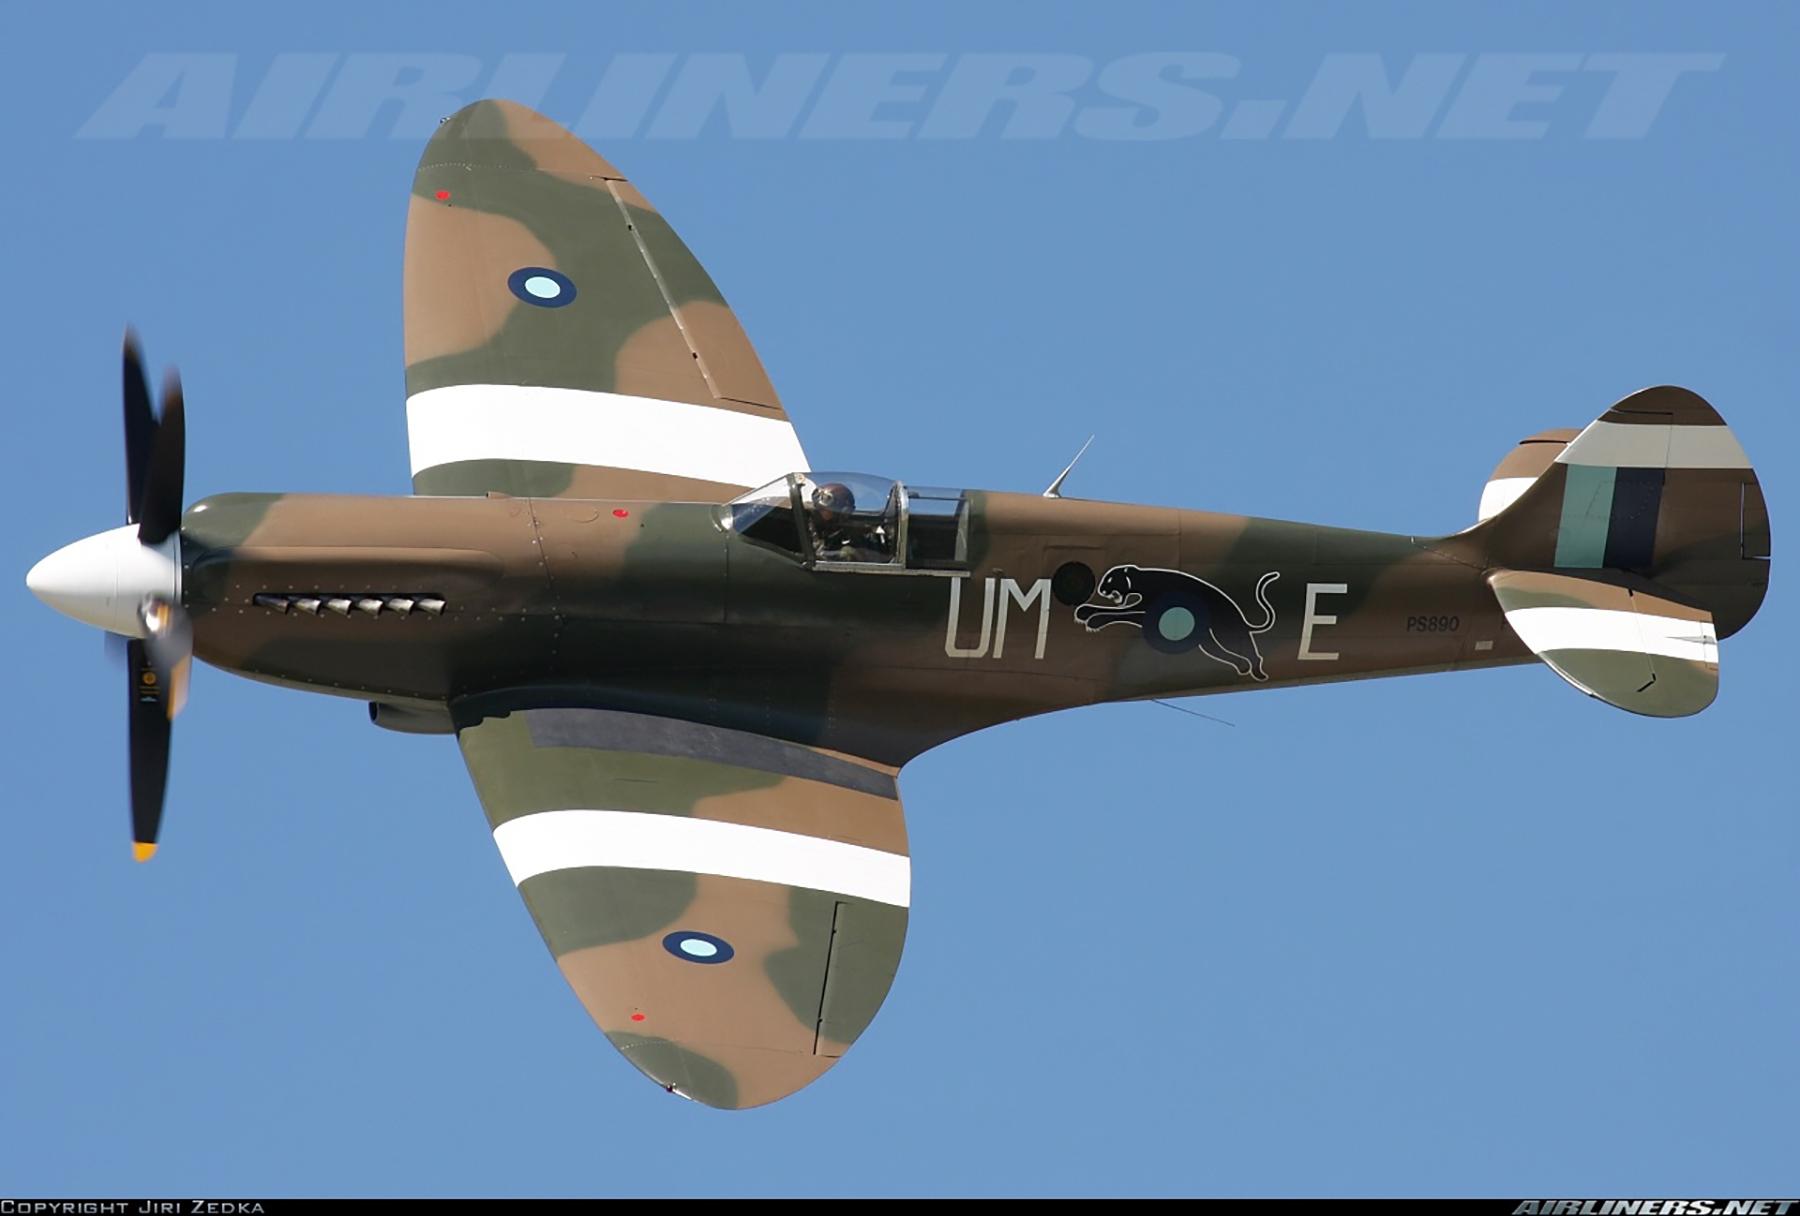 Airworthy Spitfire warbird PR19 PS890 as RAF 152Sqn UME 09